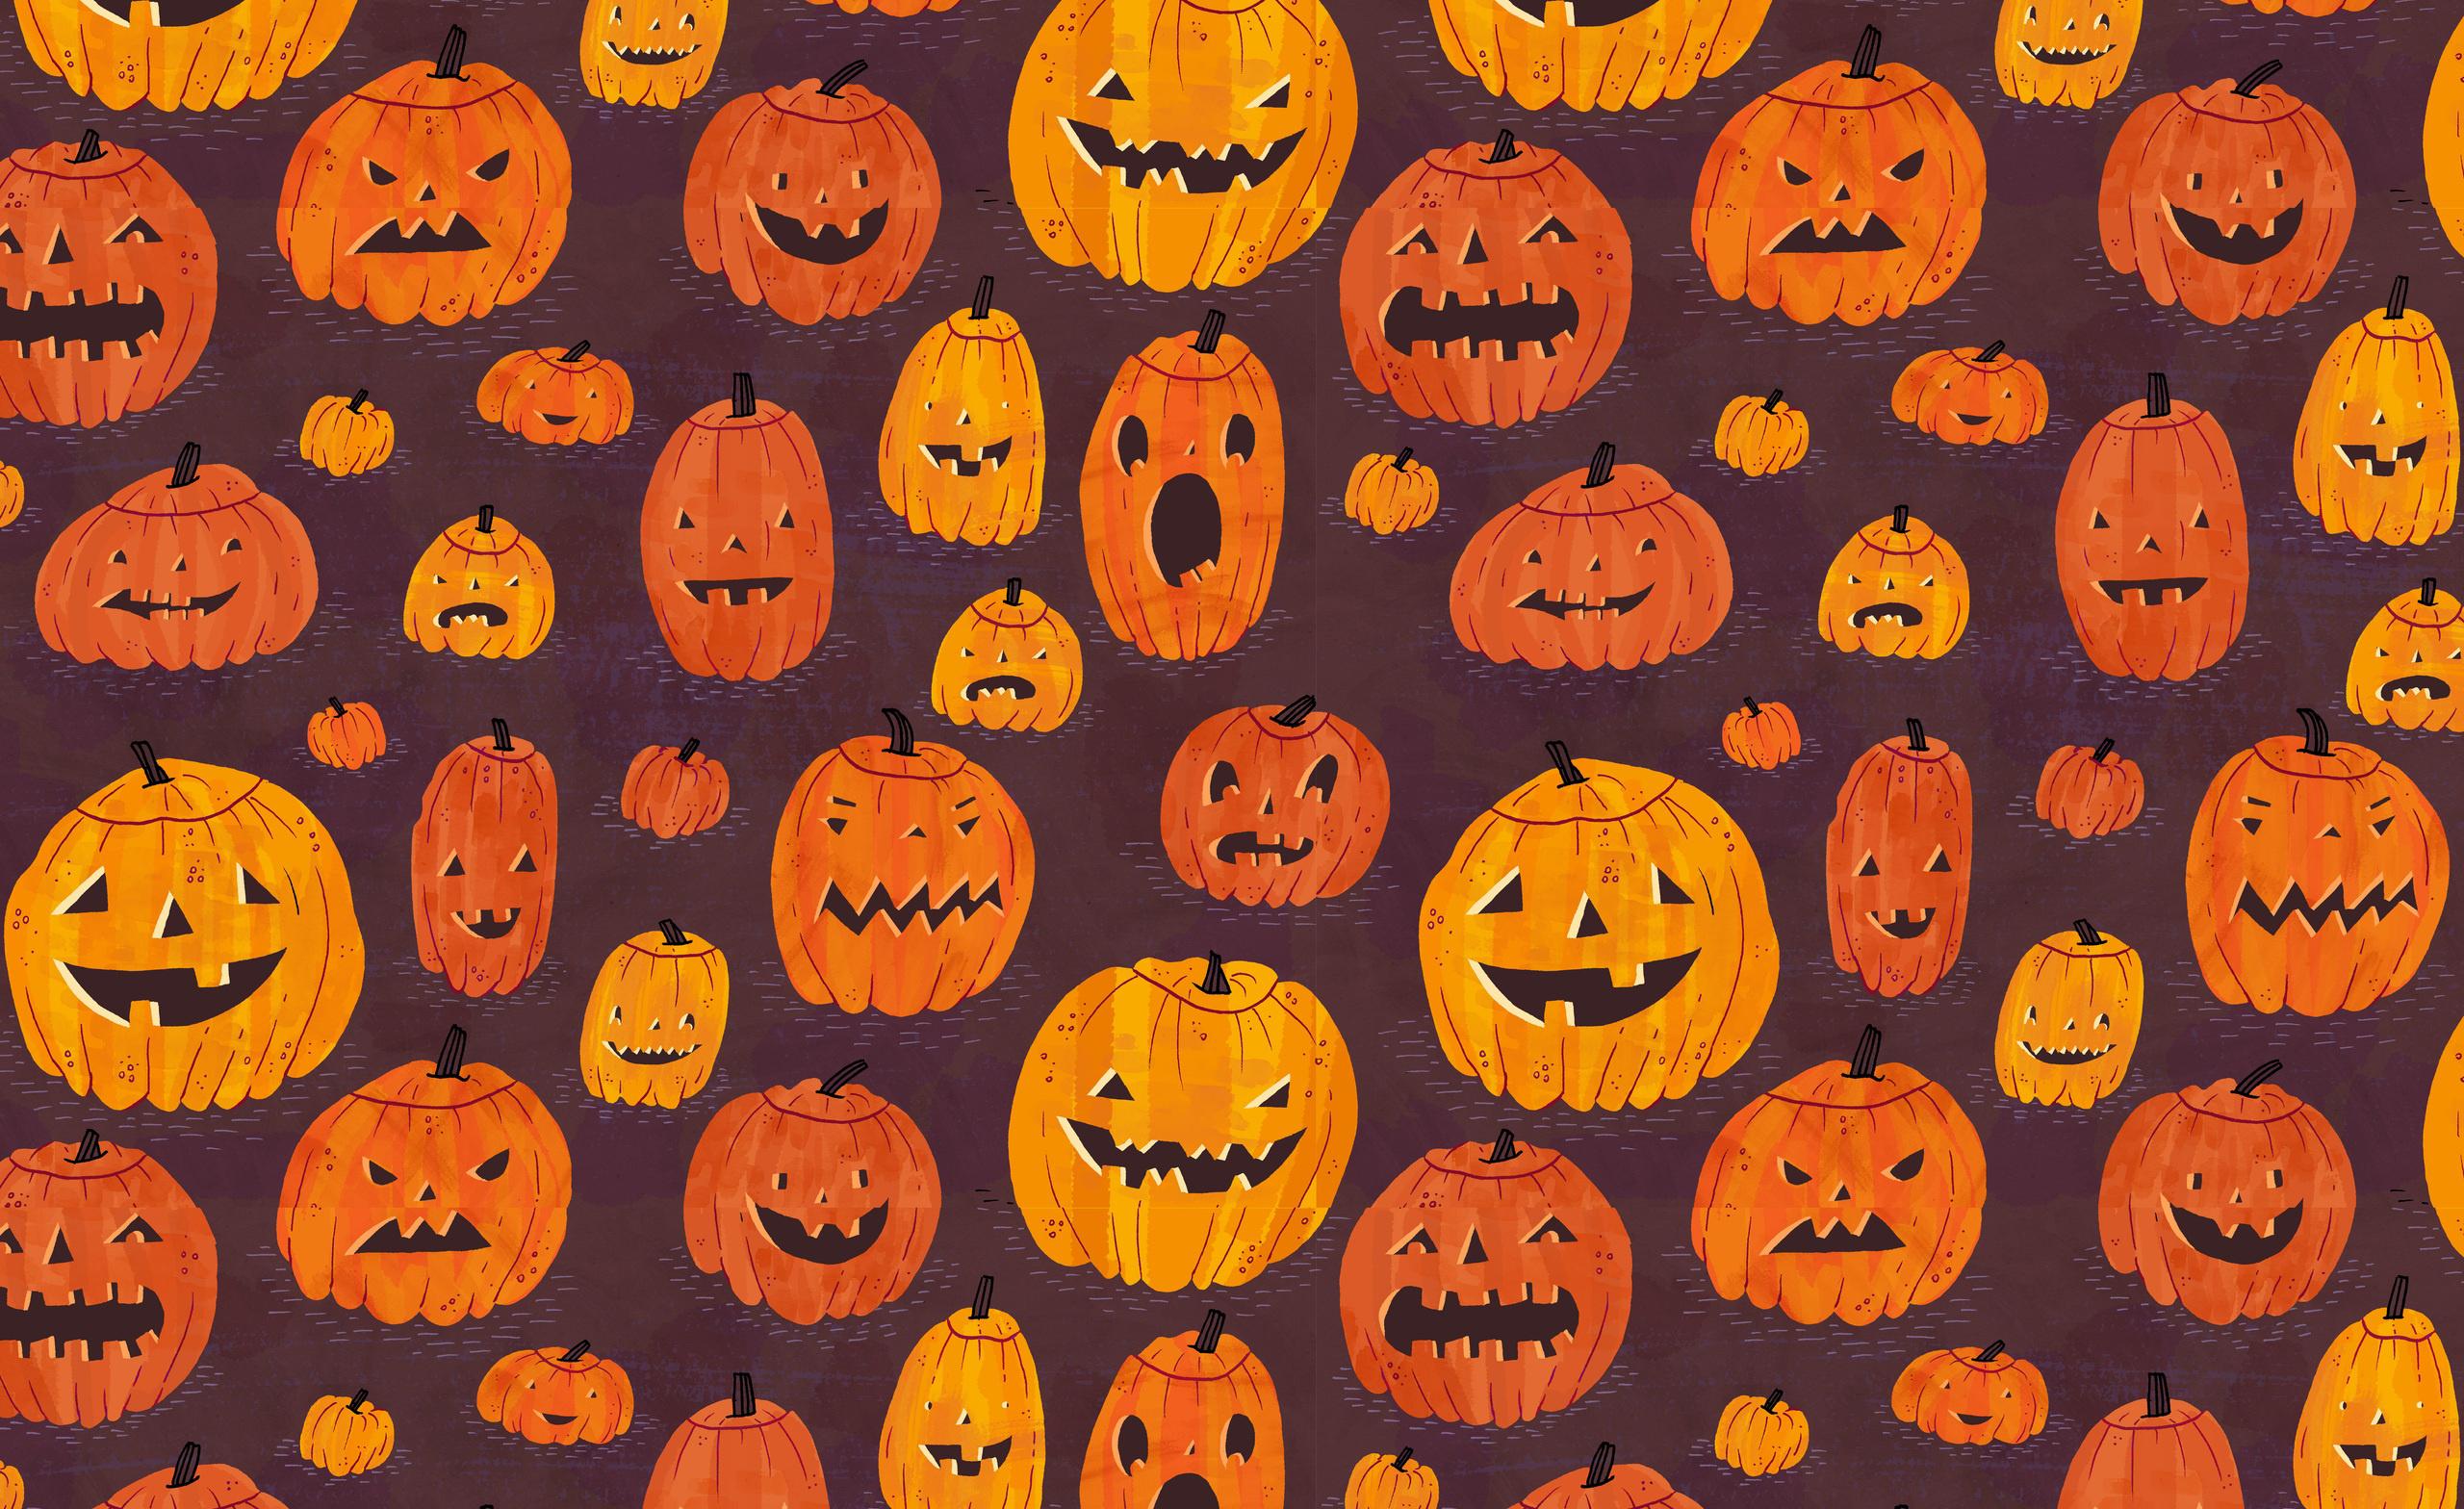 Pumpkins Fall Wallpaper Free Hd Pumpkin Wallpapers Pixelstalk Net